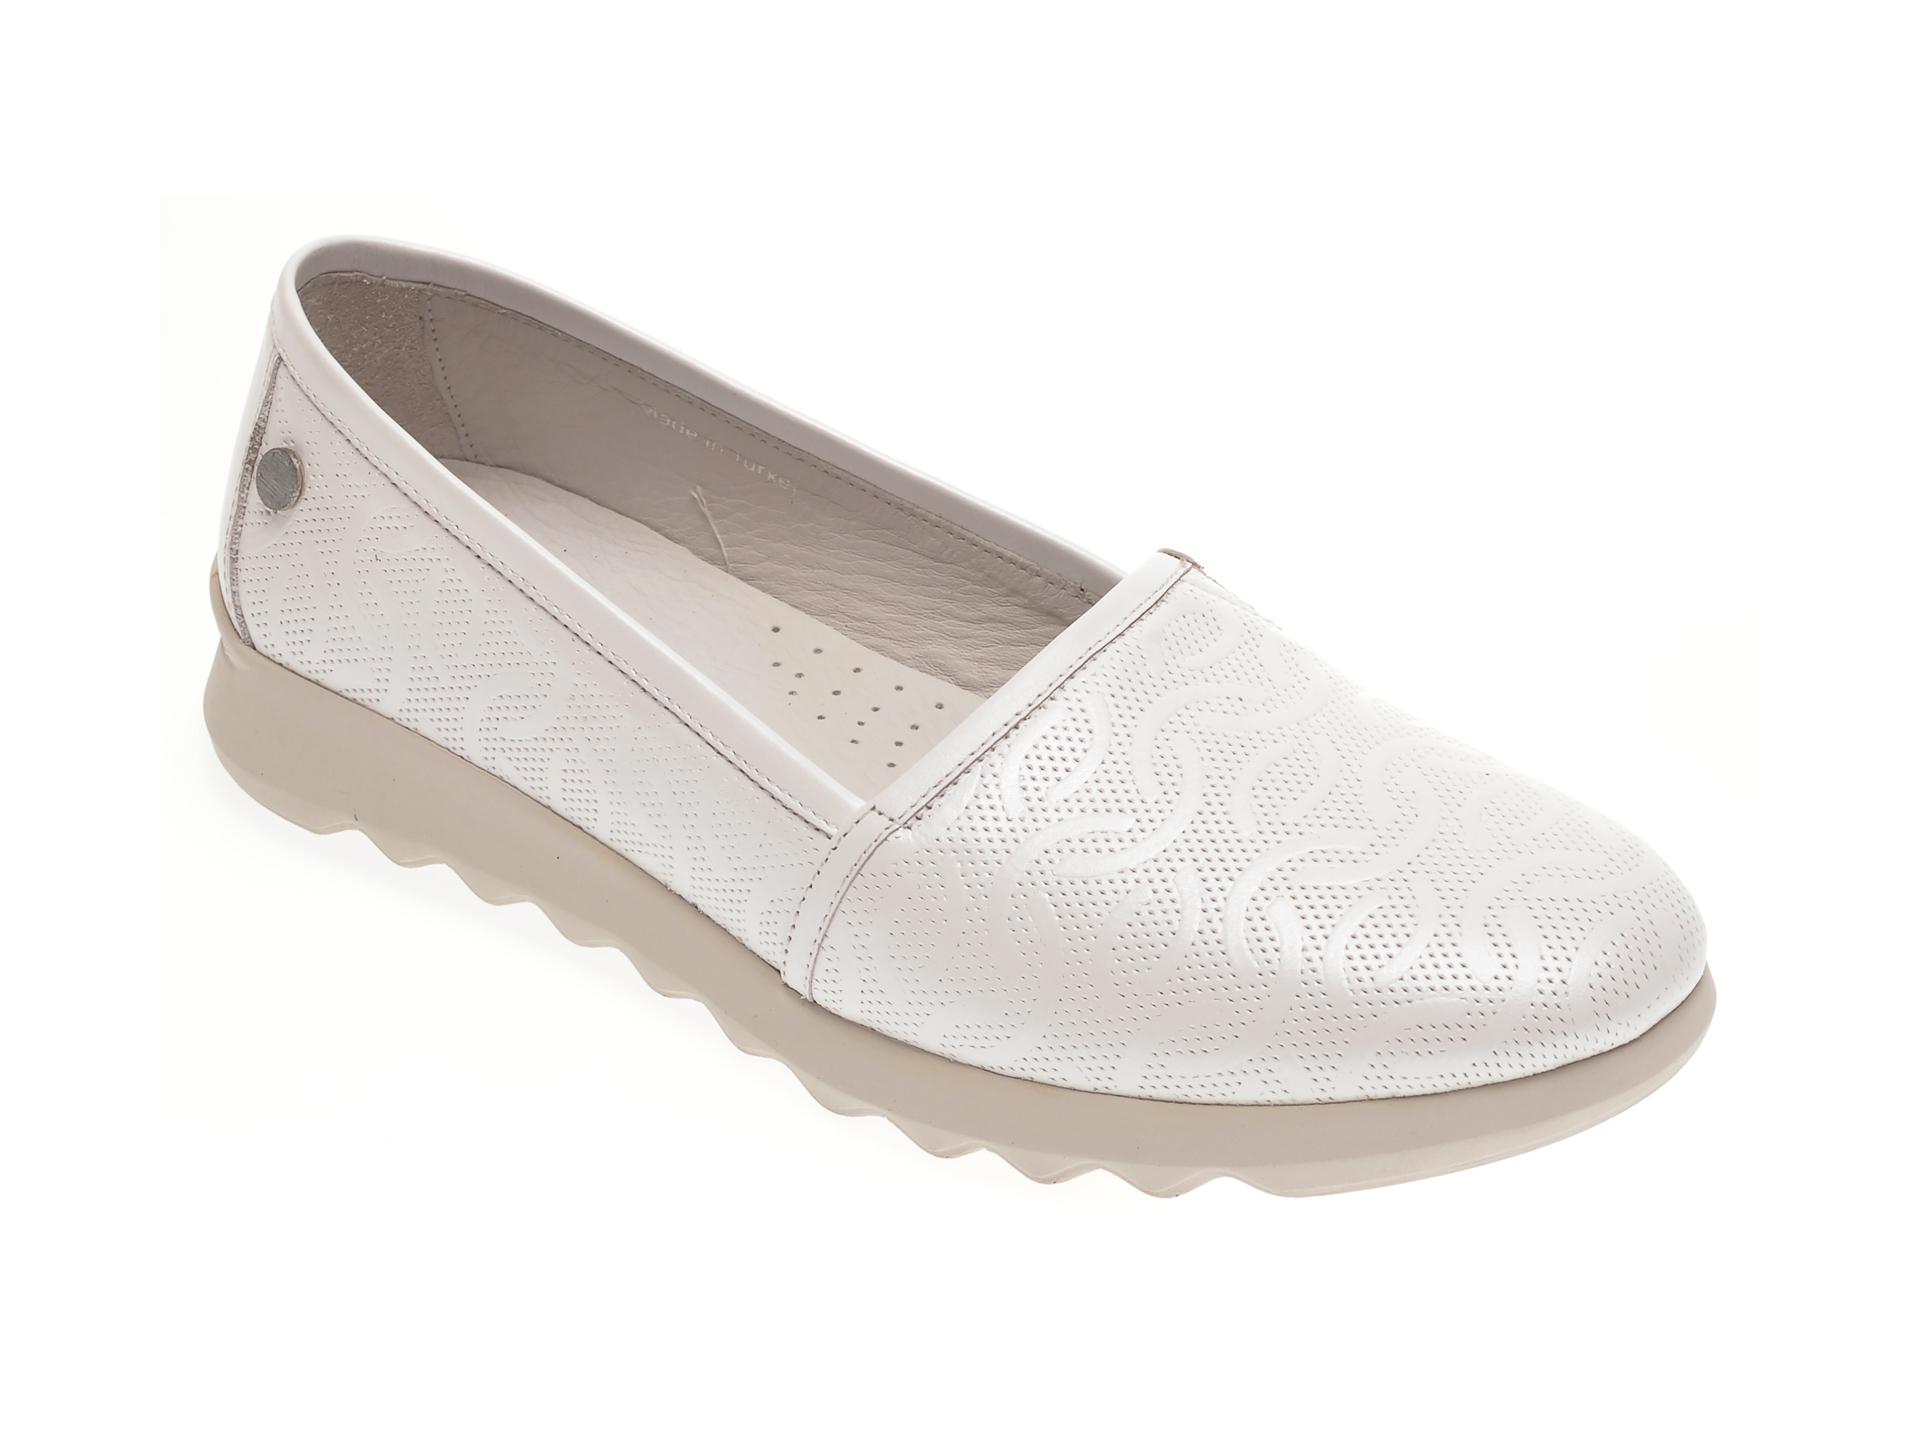 Pantofi LE BERDE albi, 146FERM, din piele naturala imagine